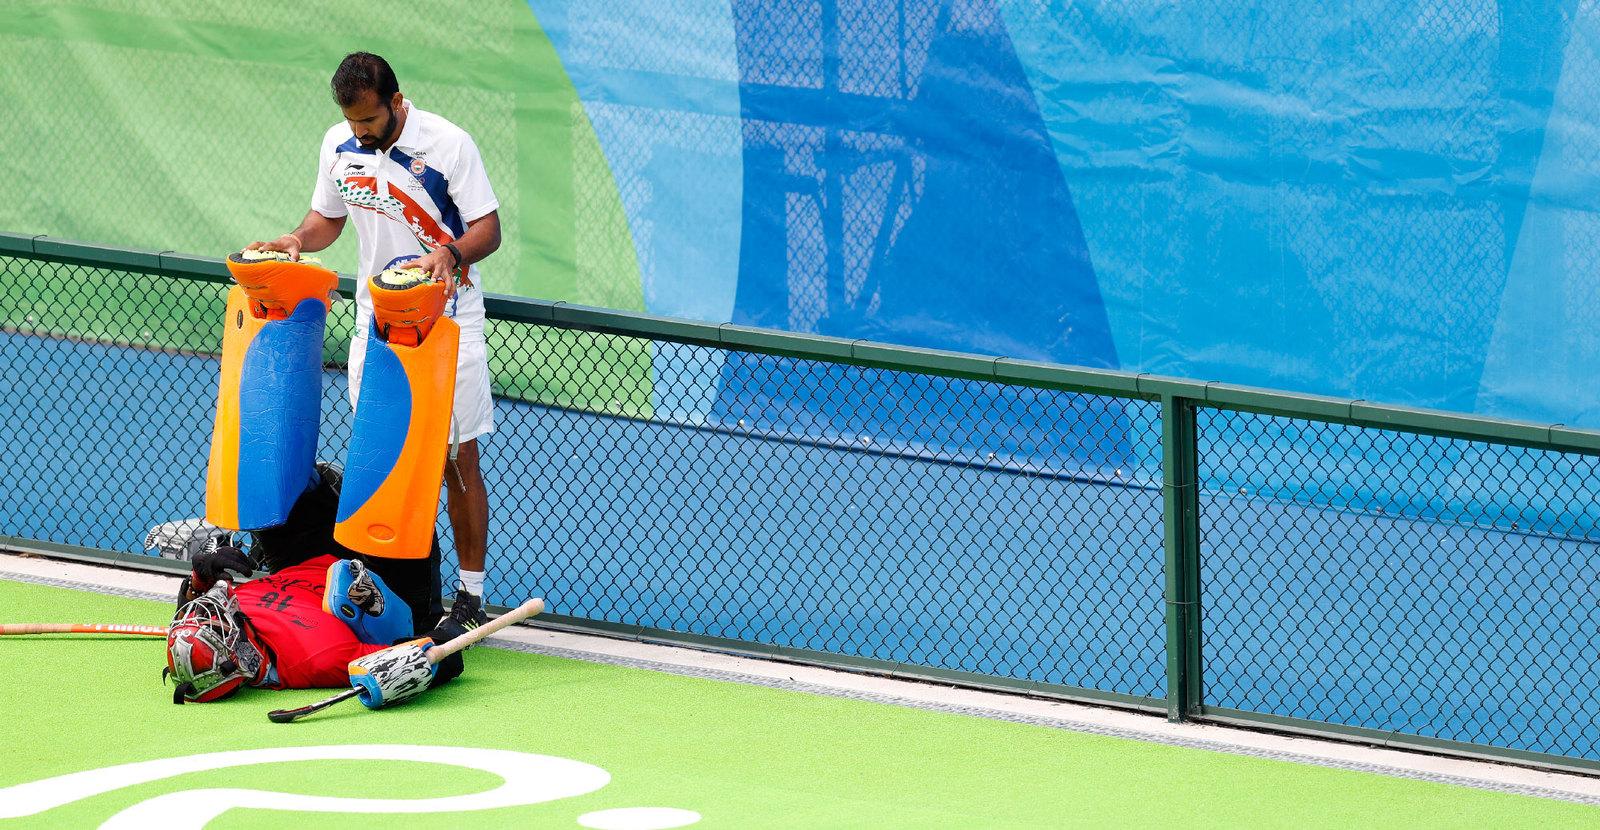 Голкиперу хоккейной команды помогают растянуться перед матчем